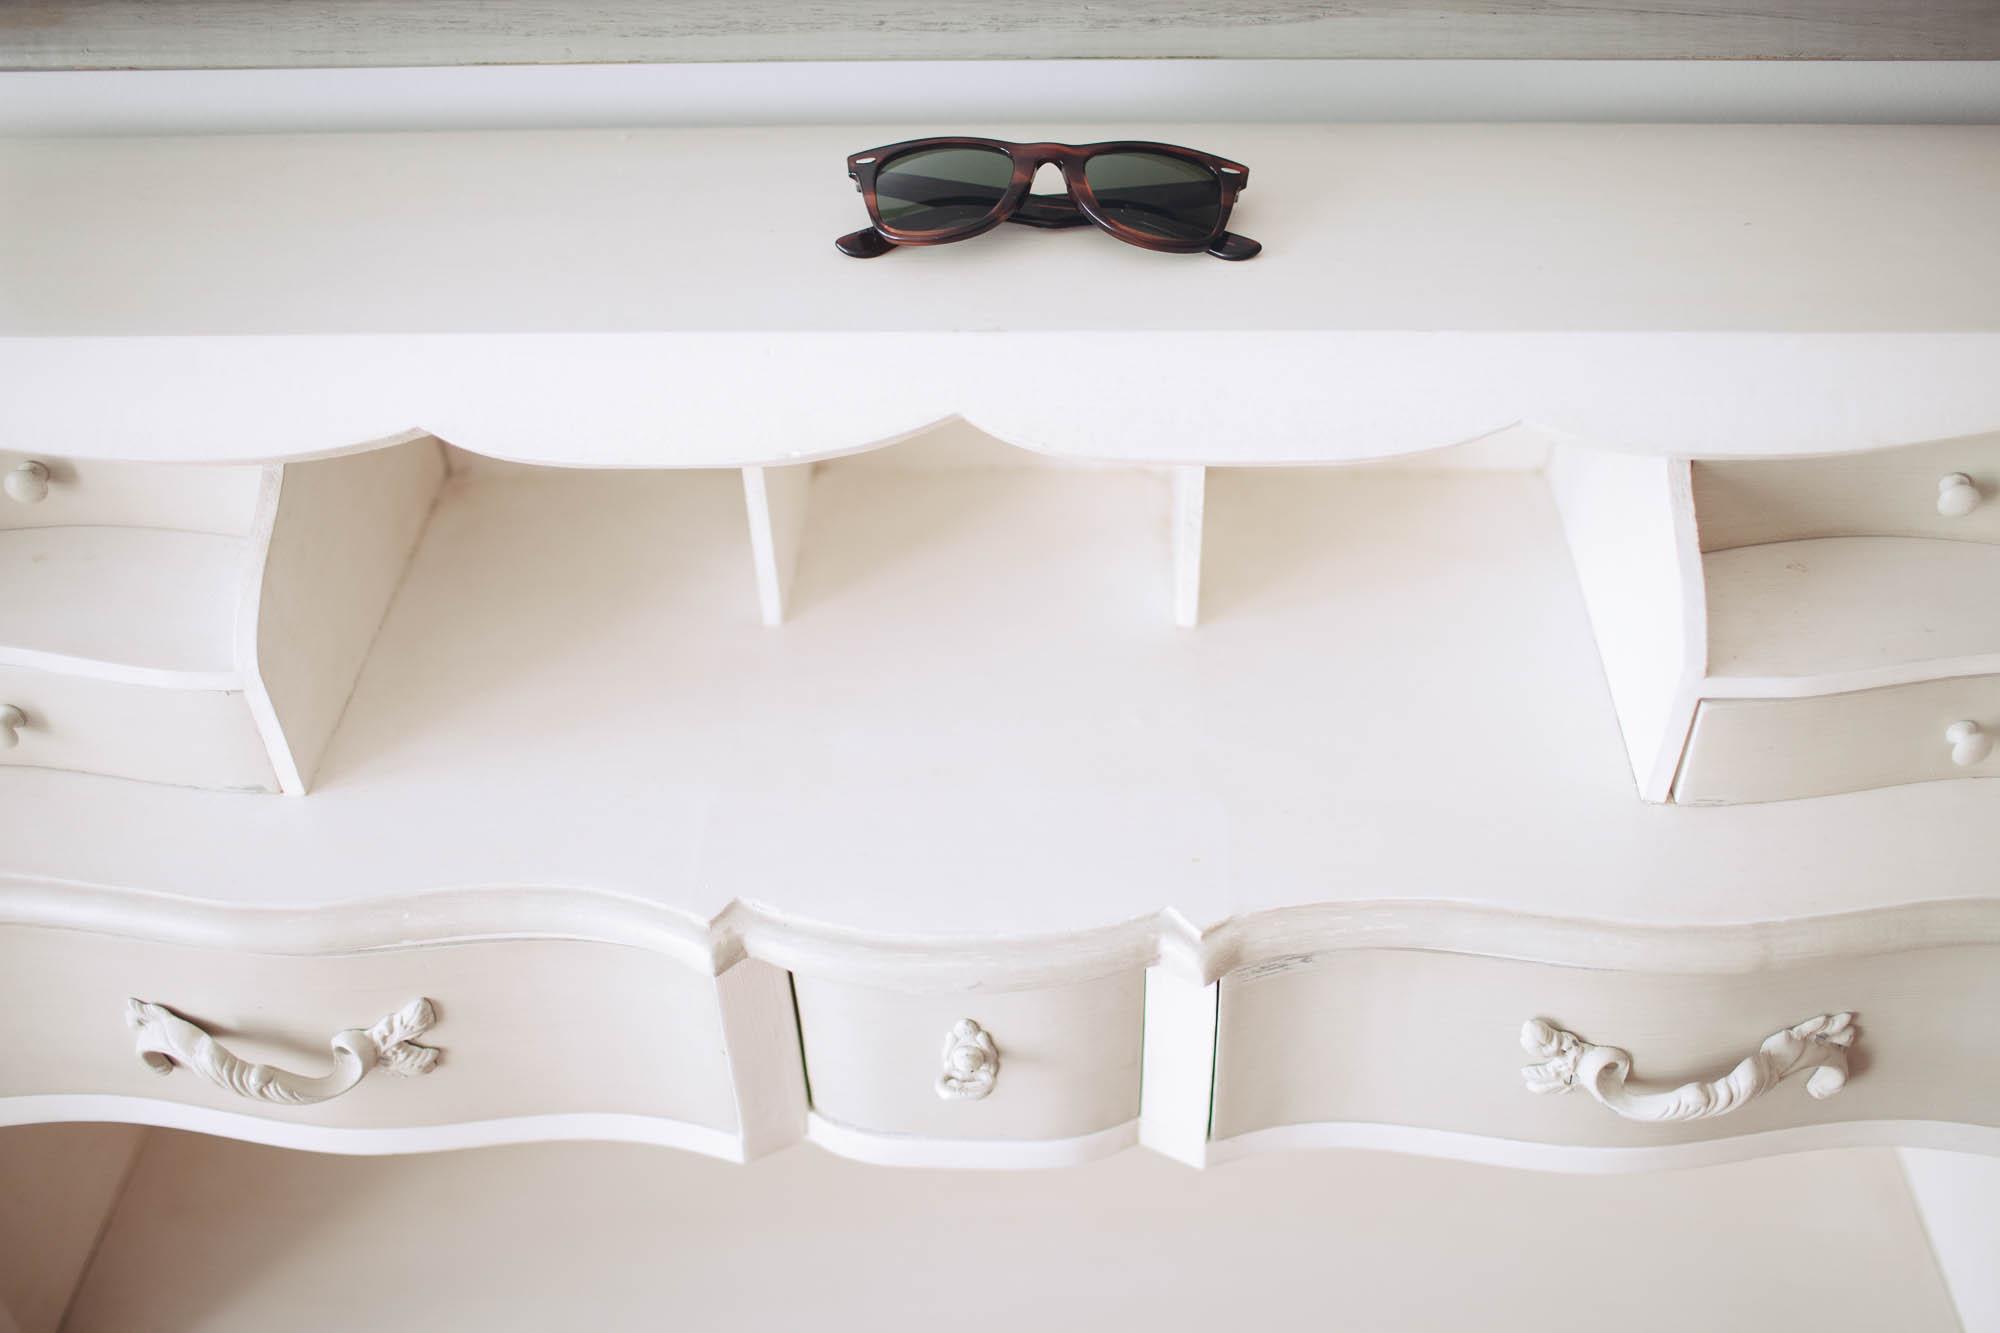 Gafas de sol en casa de la novia